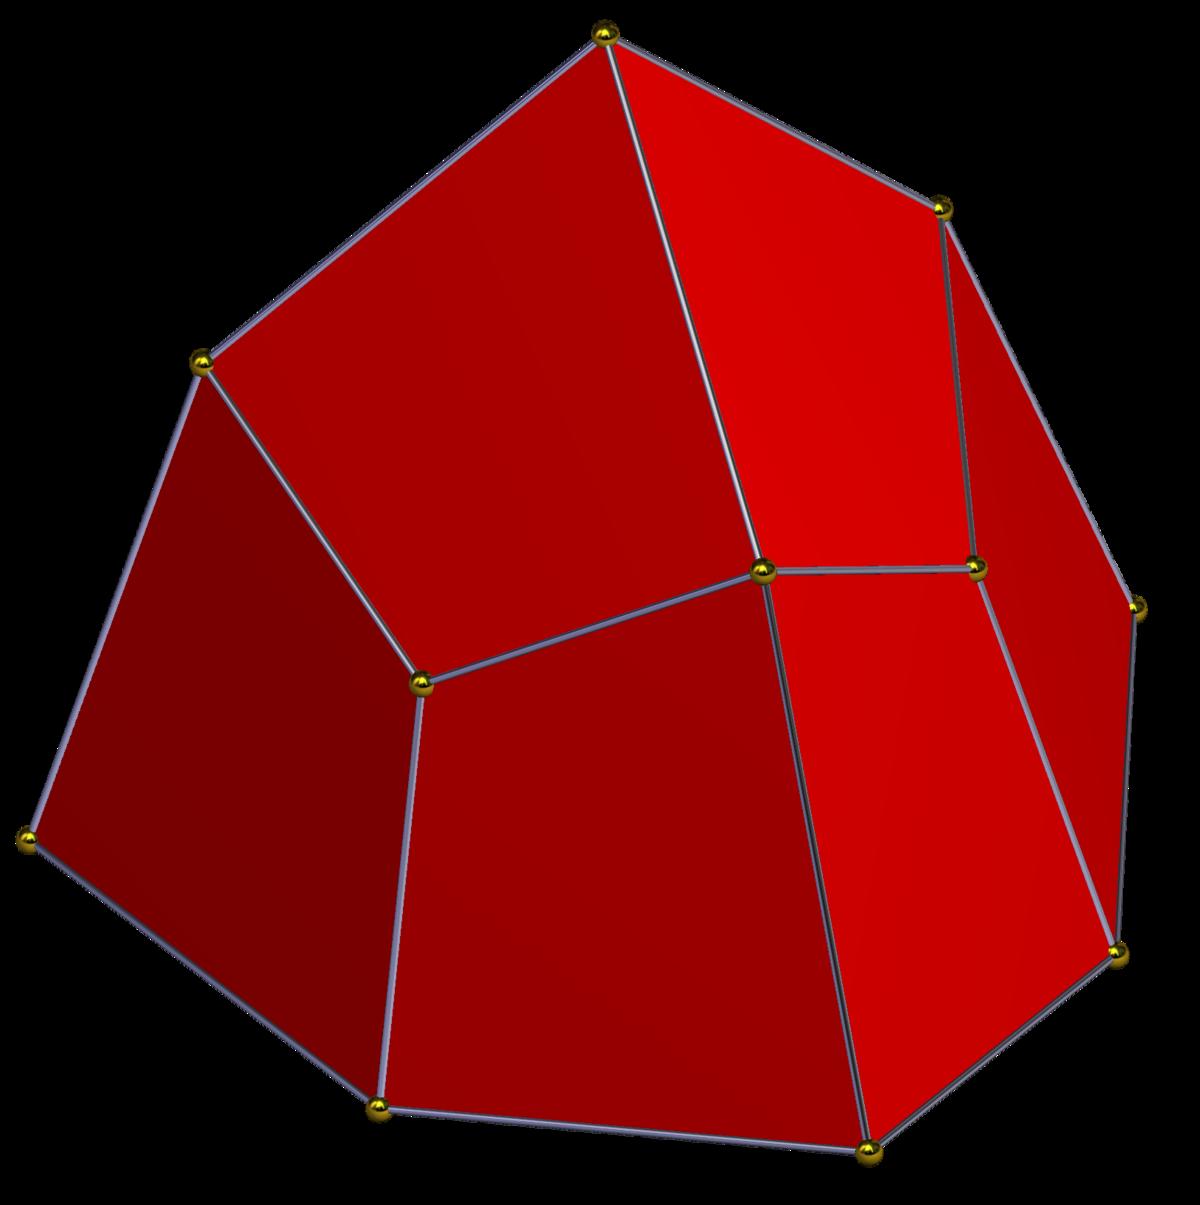 File:BSicon tABZ+rx1.svg - Wikipedia